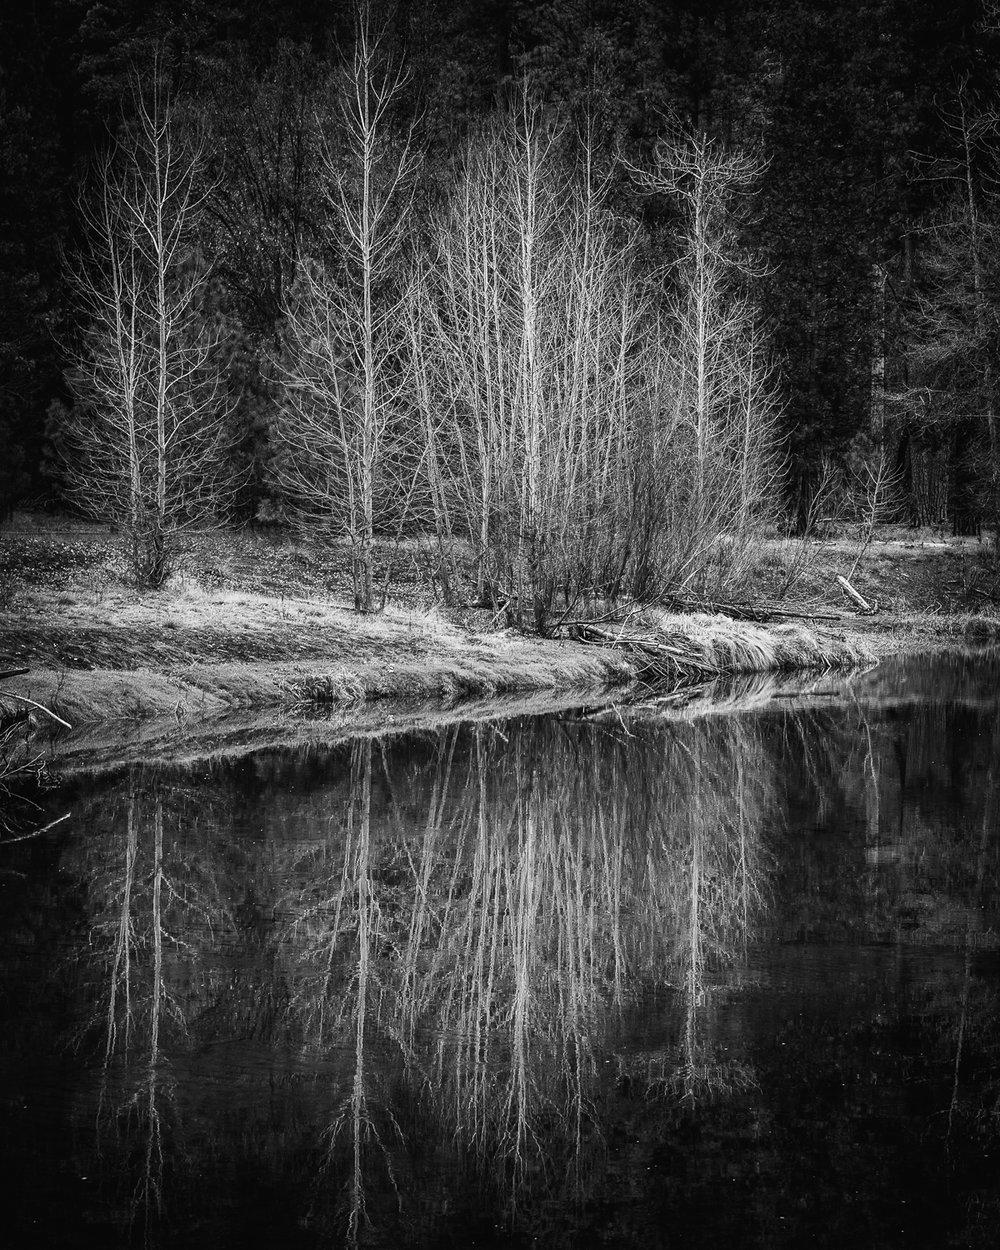 Yosemite-19.jpg